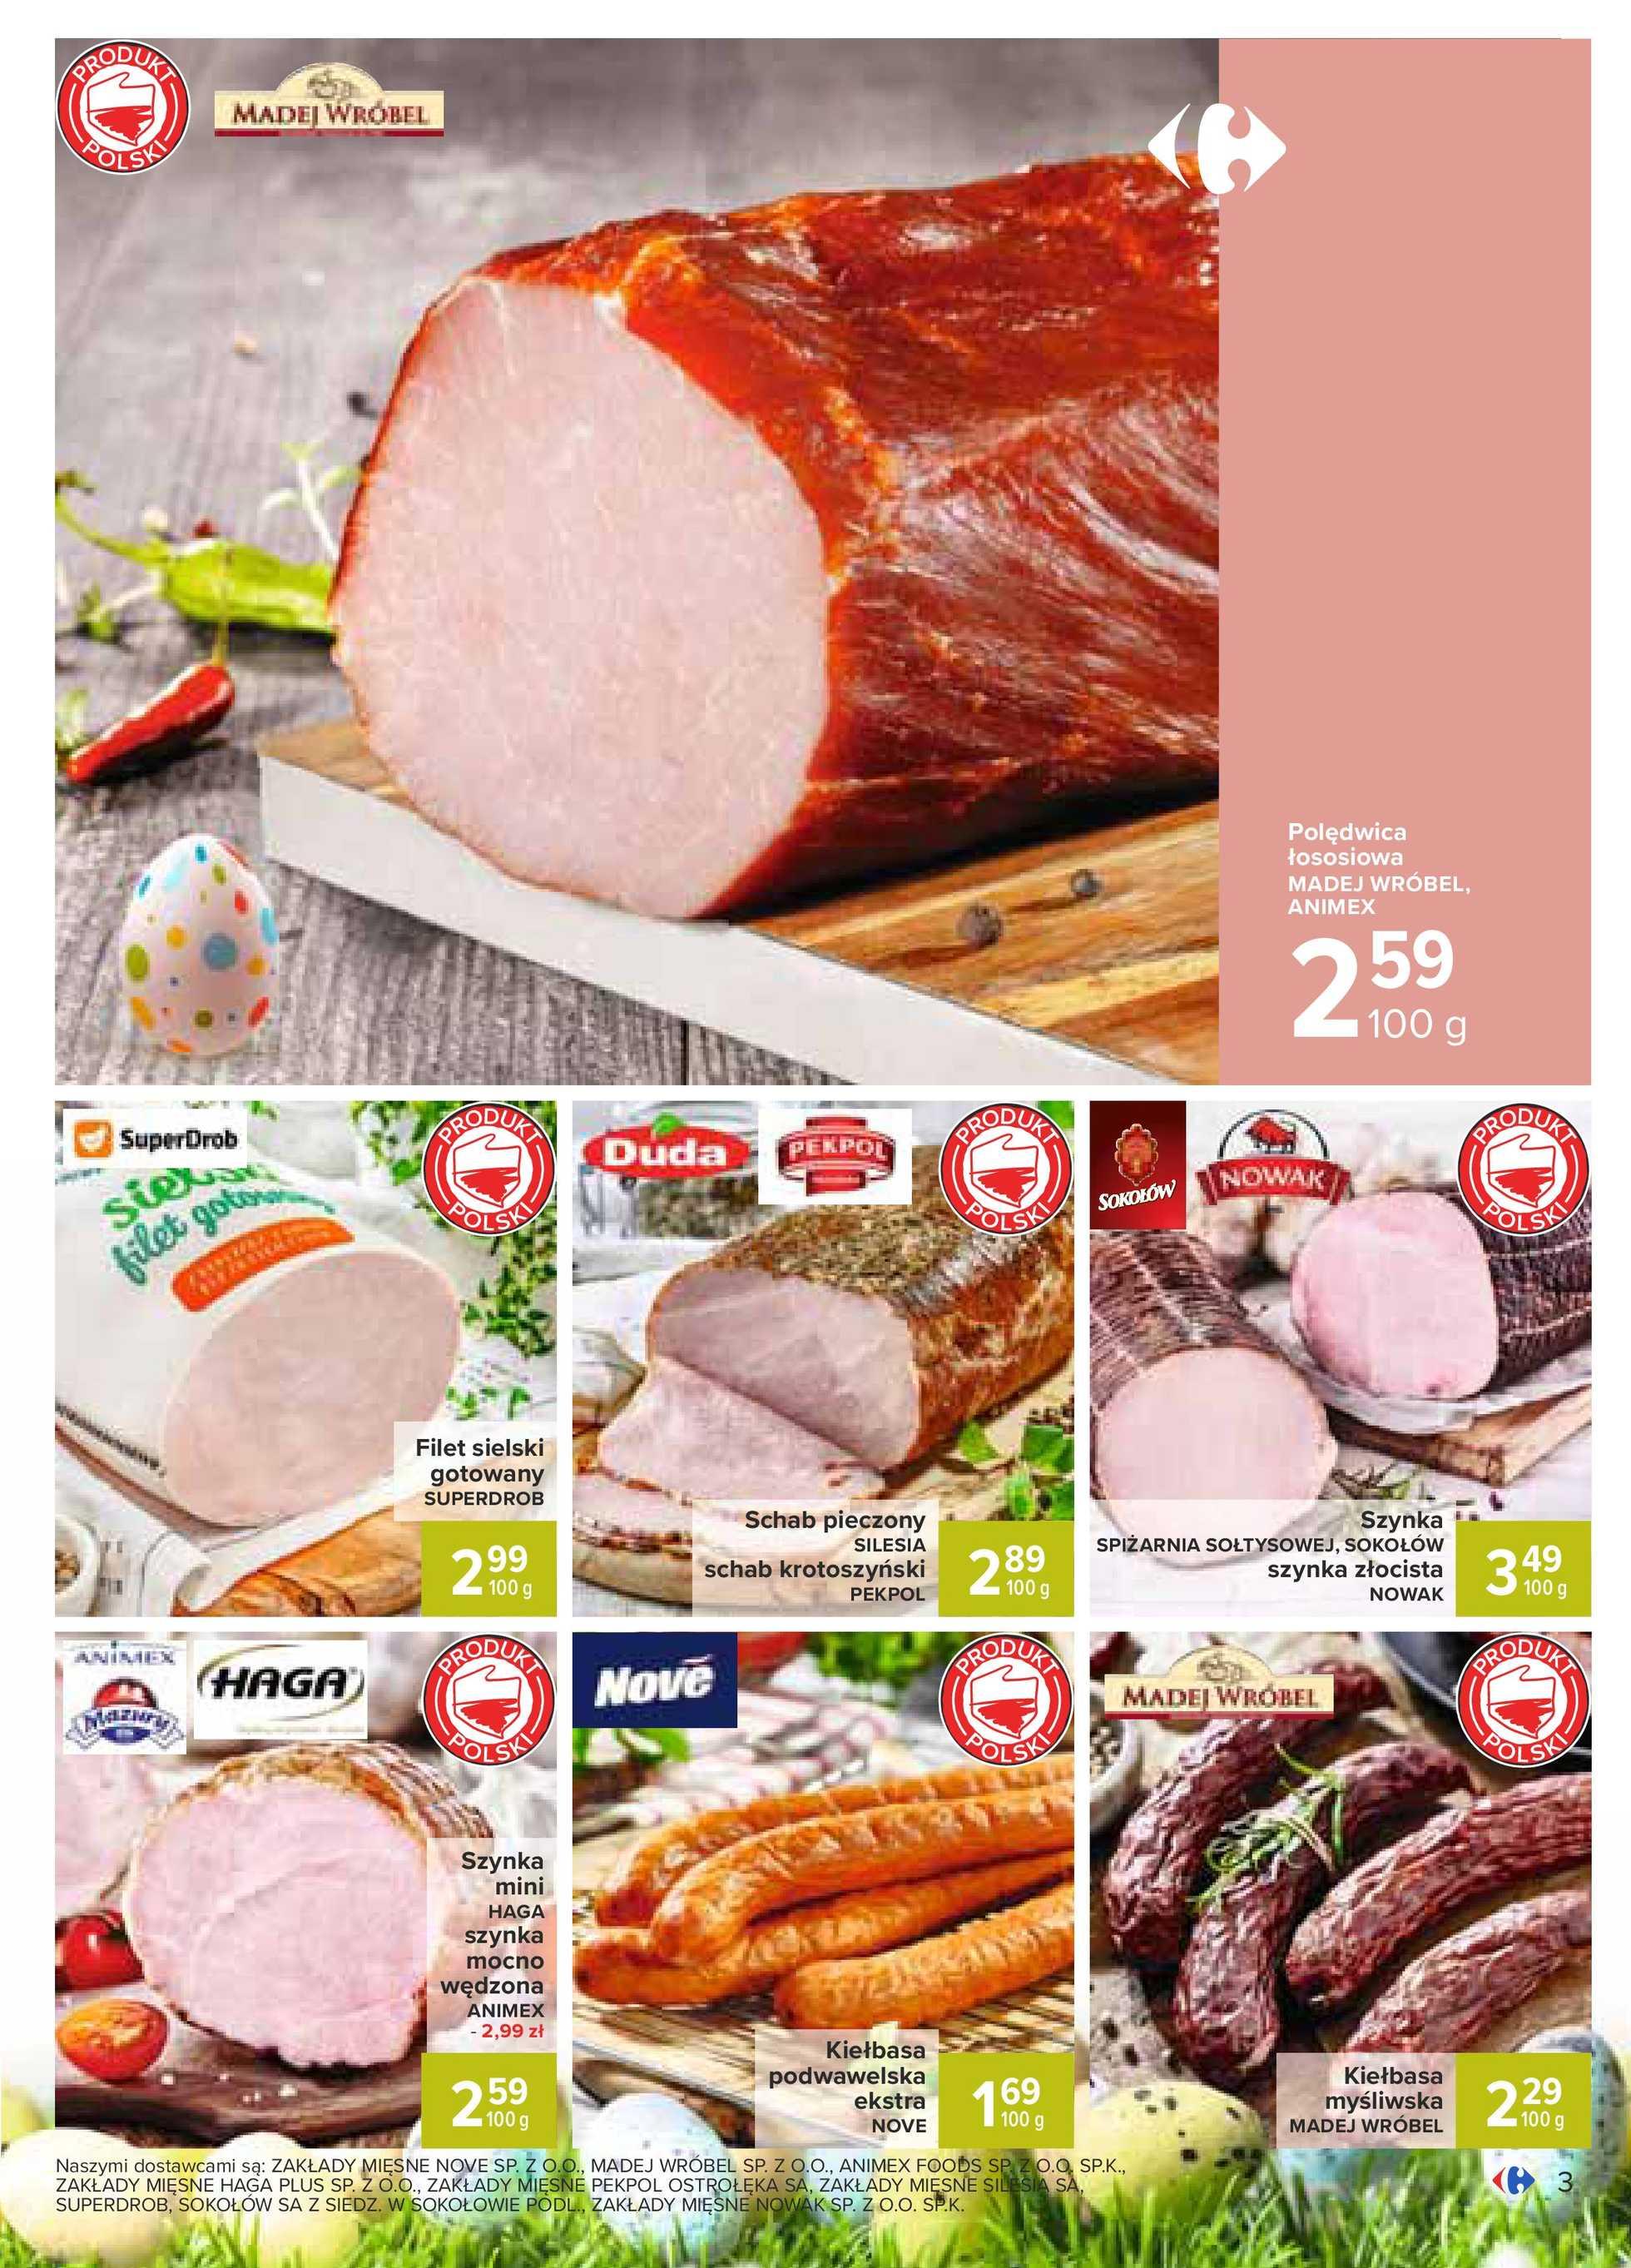 Carrefour - gazetka promocyjna ważna od 31.03.2020 do 05.04.2020 - strona 3.